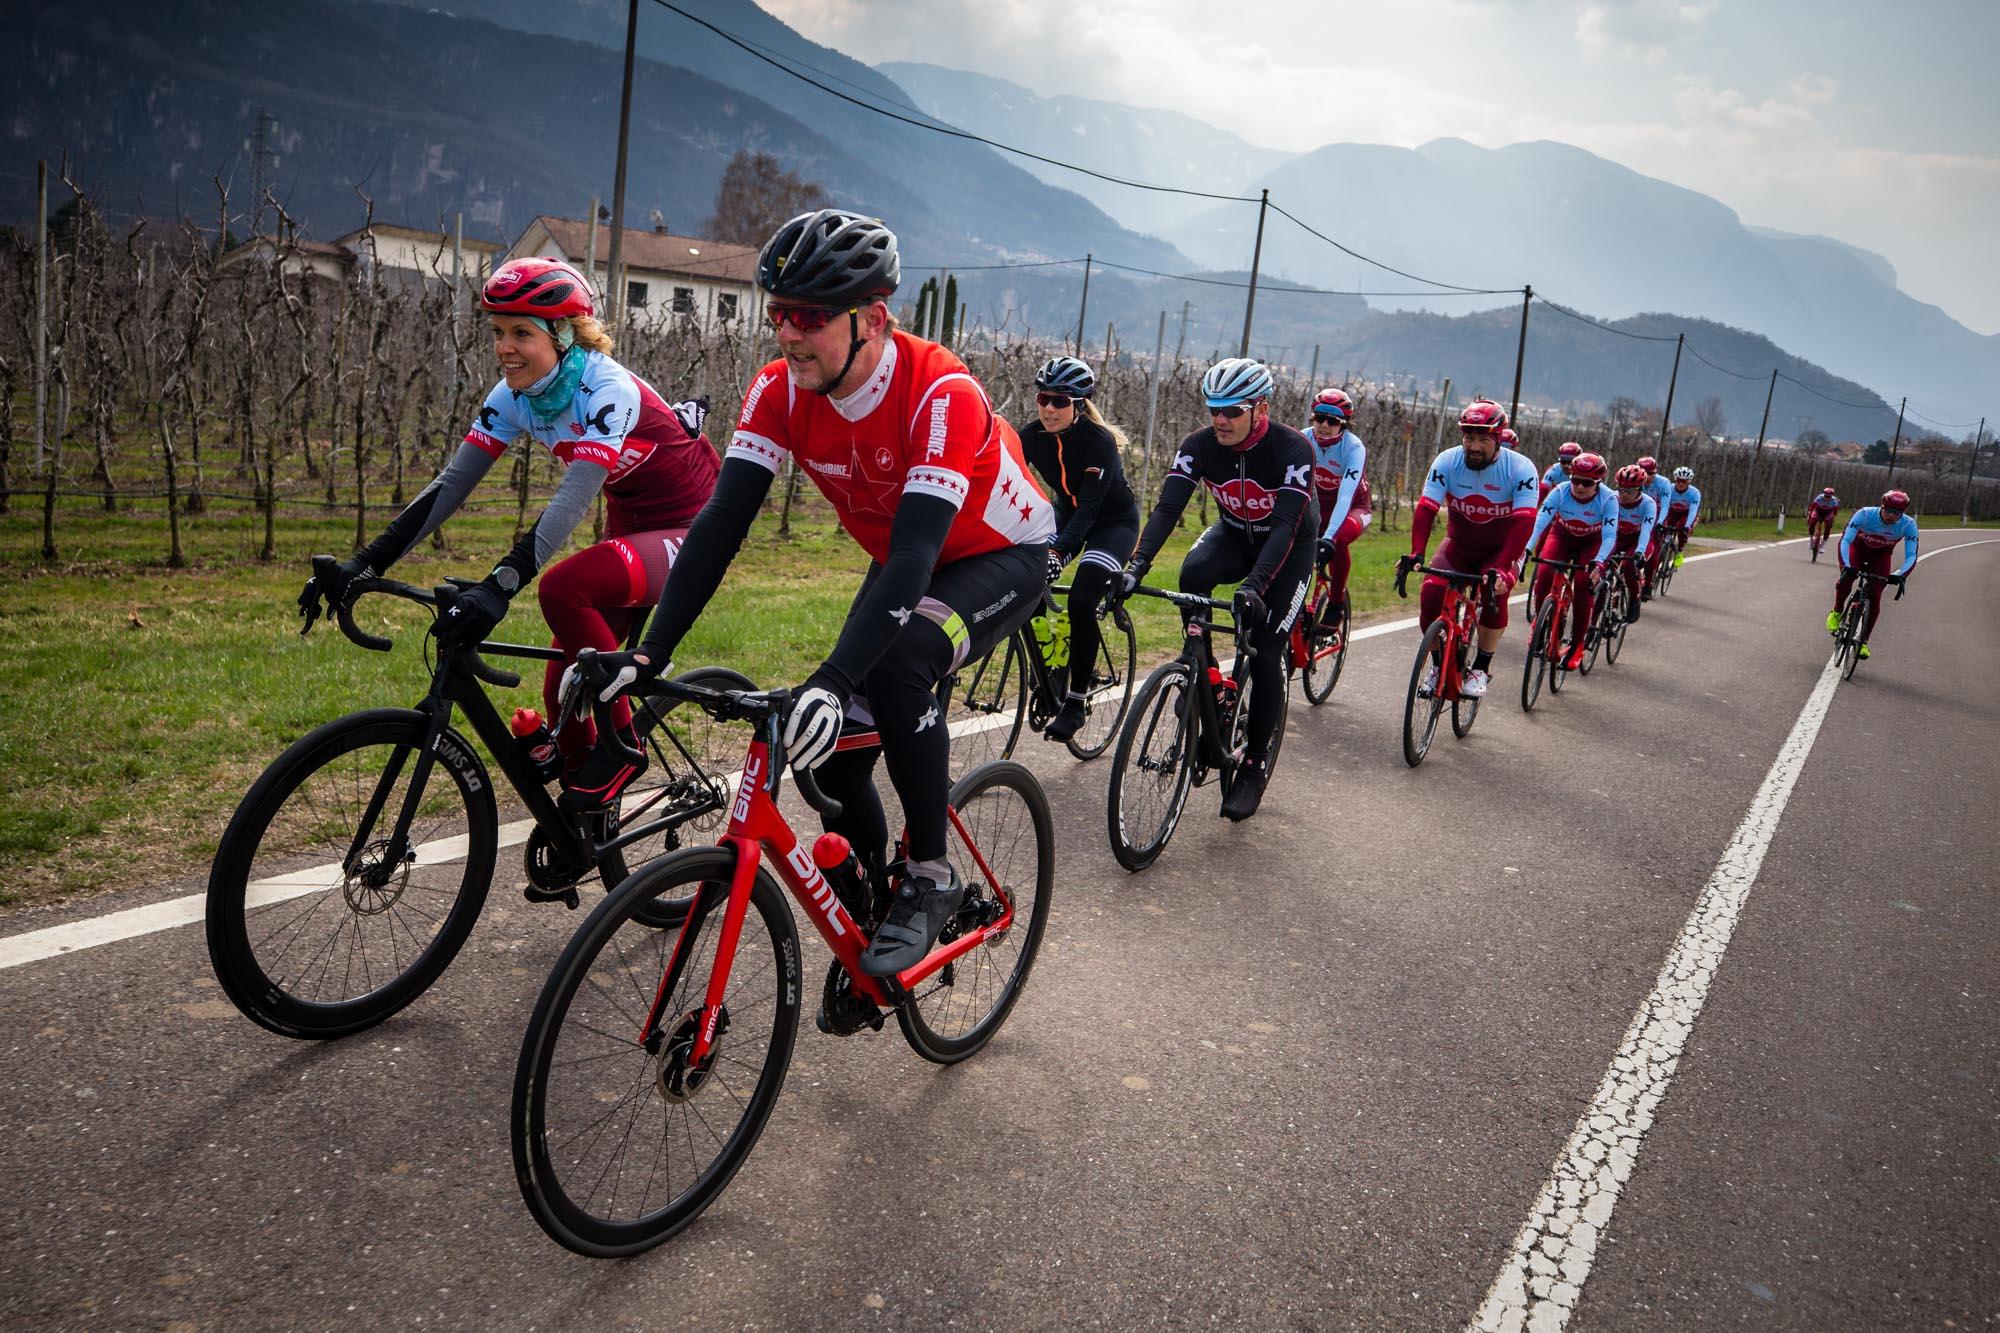 Annika Zimmermann und Jens Vögele beim Rennradfahren in einer Trainingsgruppe